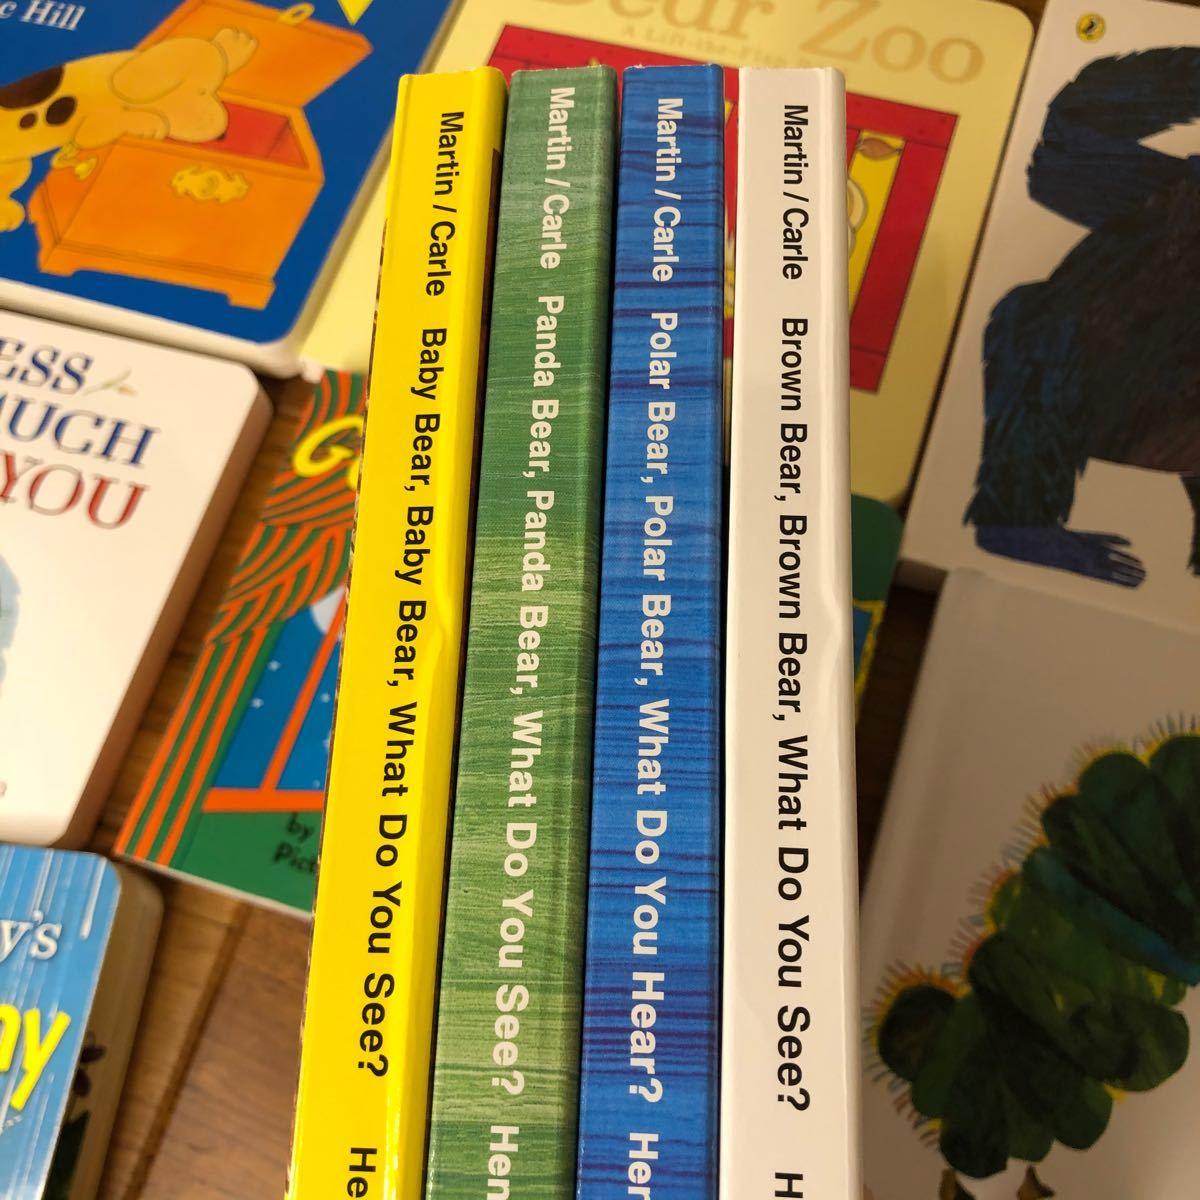 世界大人気英語絵本 12冊 ボードブック しかけ絵本 絵本セット